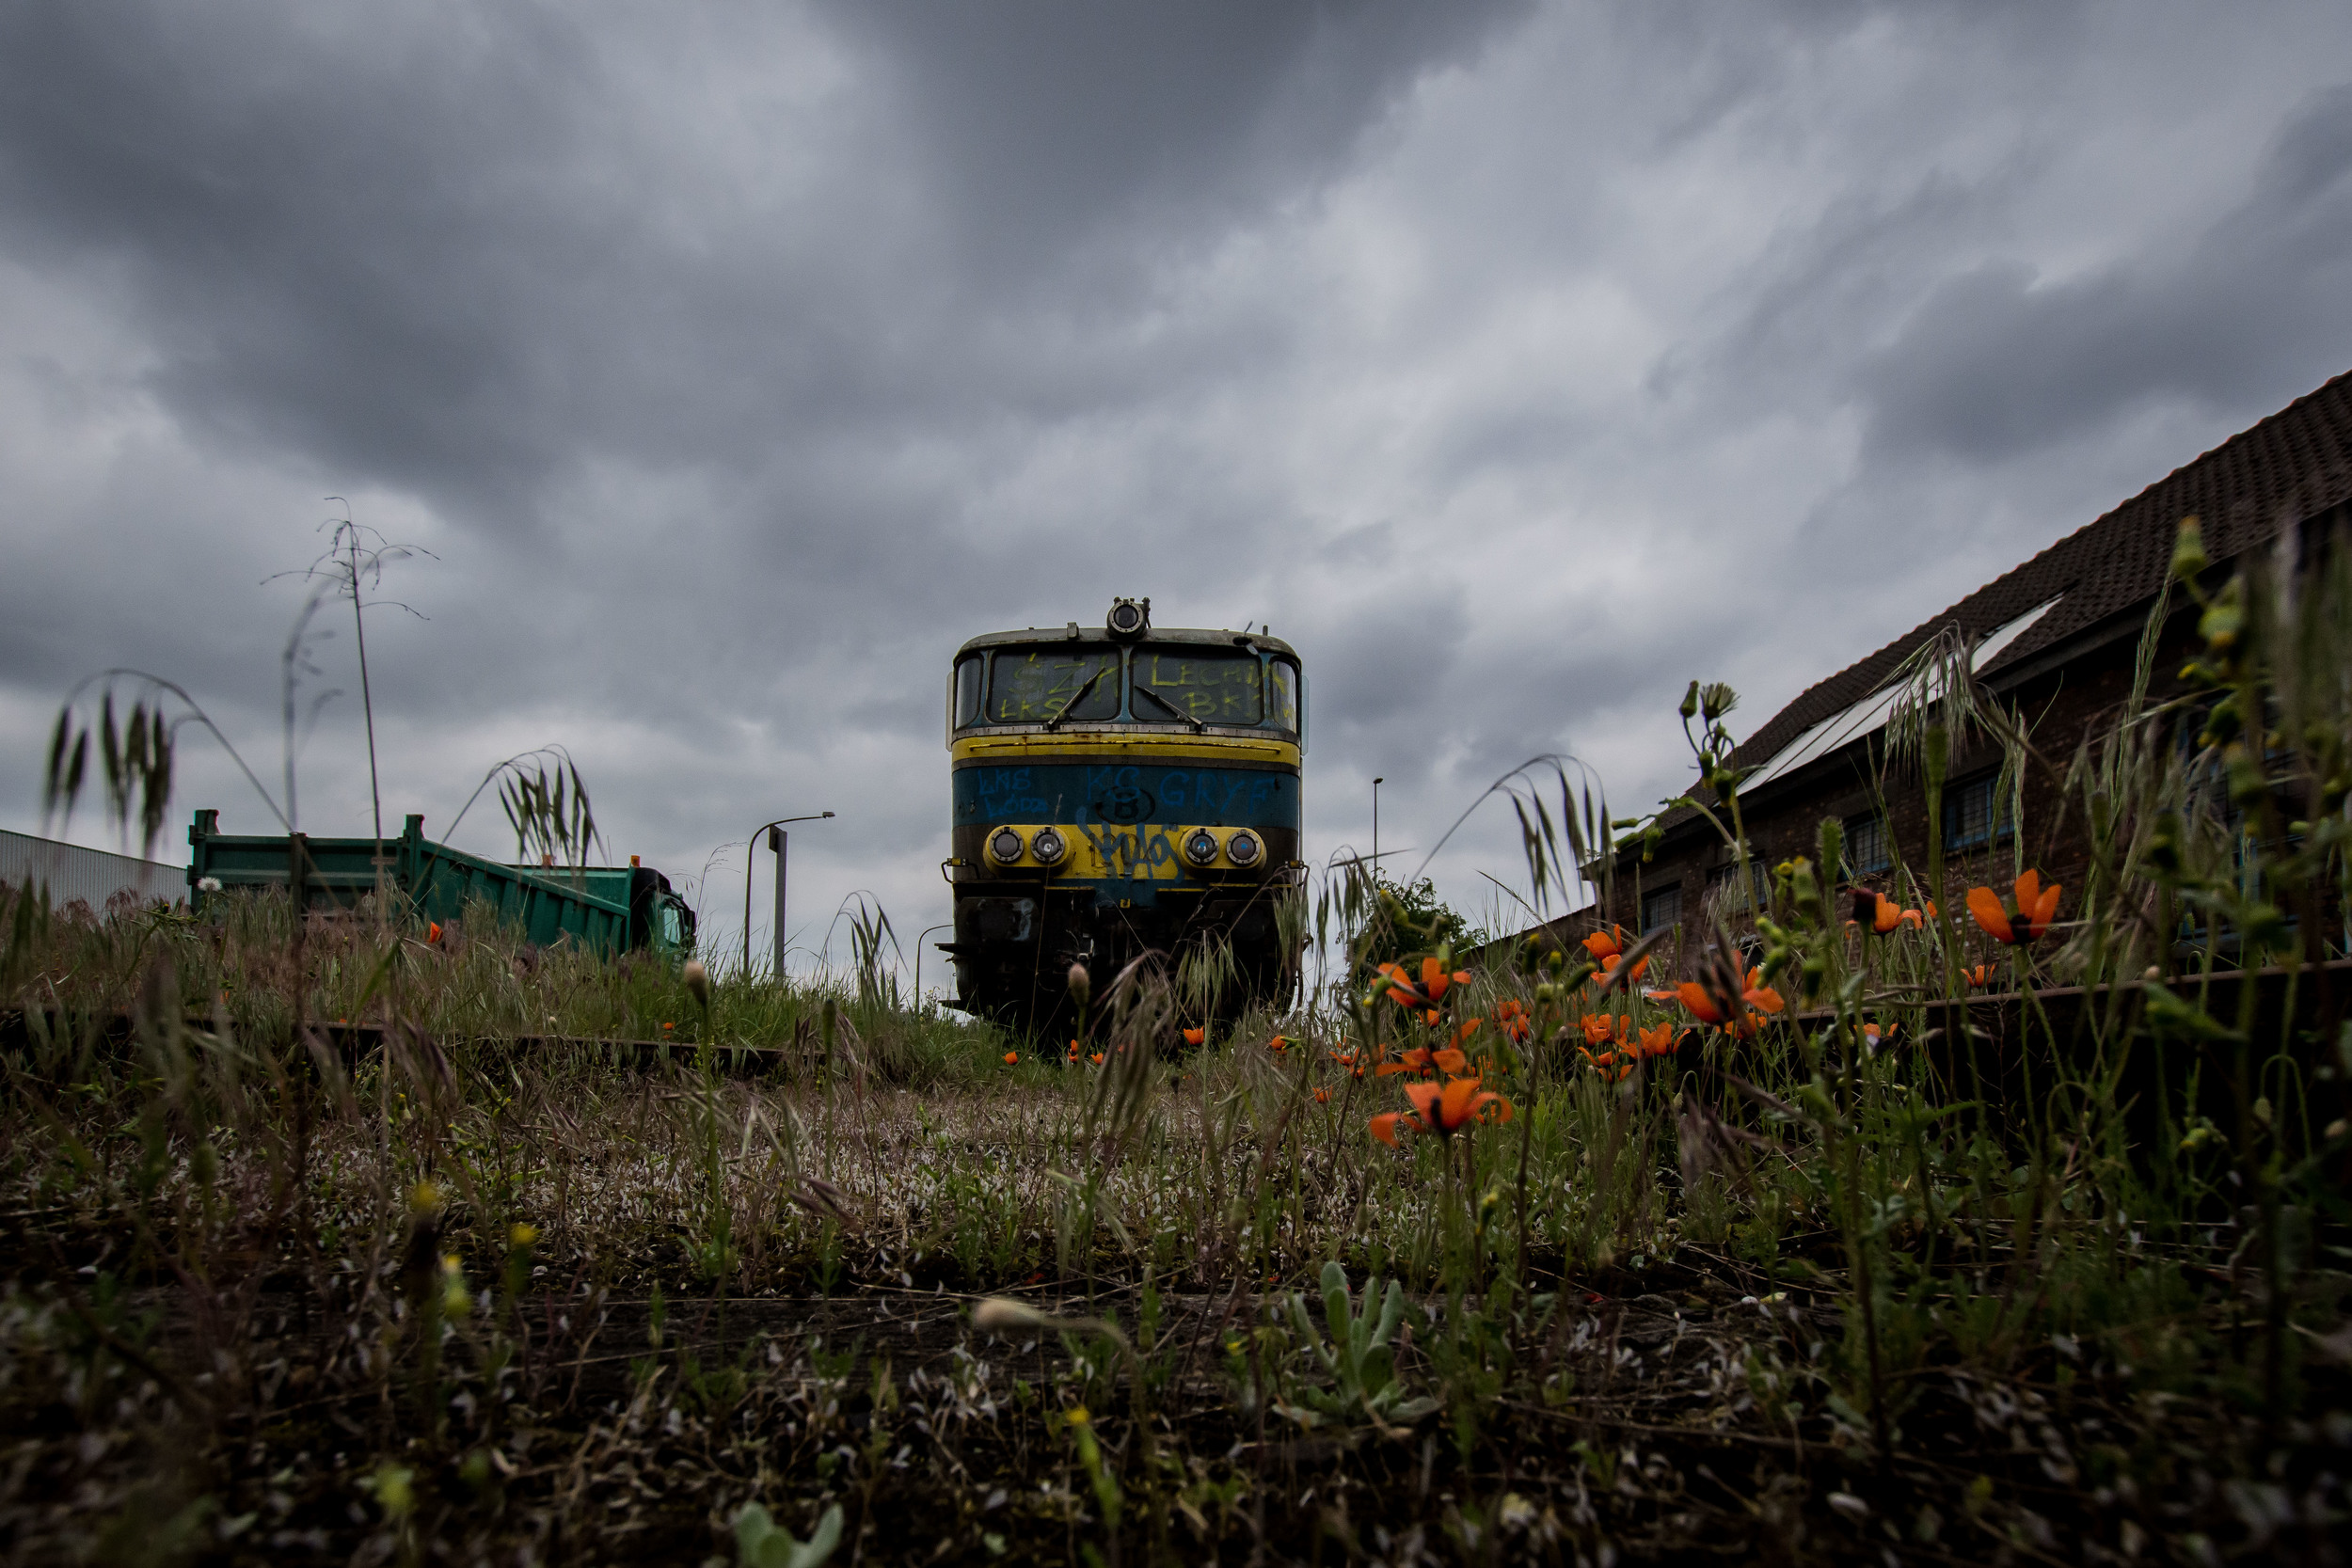 Viewfinder-vergane-glorie-uitgerangeerd-locomotief-gent-zeehaven-klaproos-spoor-roestend